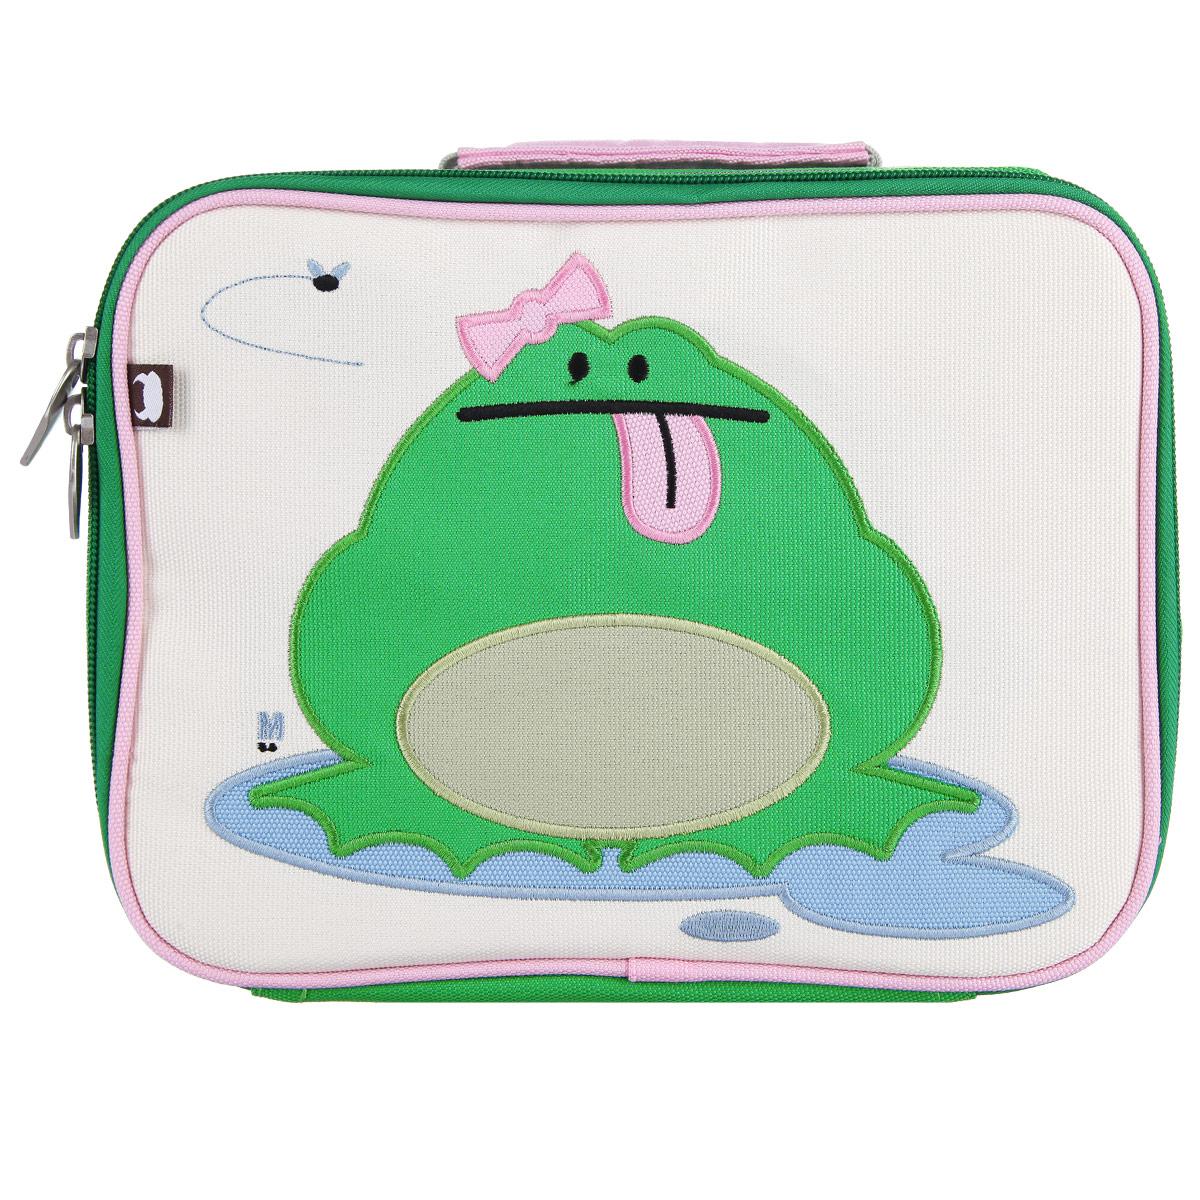 Ланч-Бокс Katarina - Frog, цвет: зеленый, бежевыйLB-7381A-20Превосходный ланч-бокс с вышитым принтом отлично сохранит завтрак для вашего ребёнка. Модель закрывается на застежку-молнию. Сумка сделана из прочного нейлона, который не рвется и стирается в стиральной машинке. На внутренней стороне находится карман на застежке-молнии и именной ярлычок. Внутренняя часть сумки покрыта водонепроницаемым покрытием.